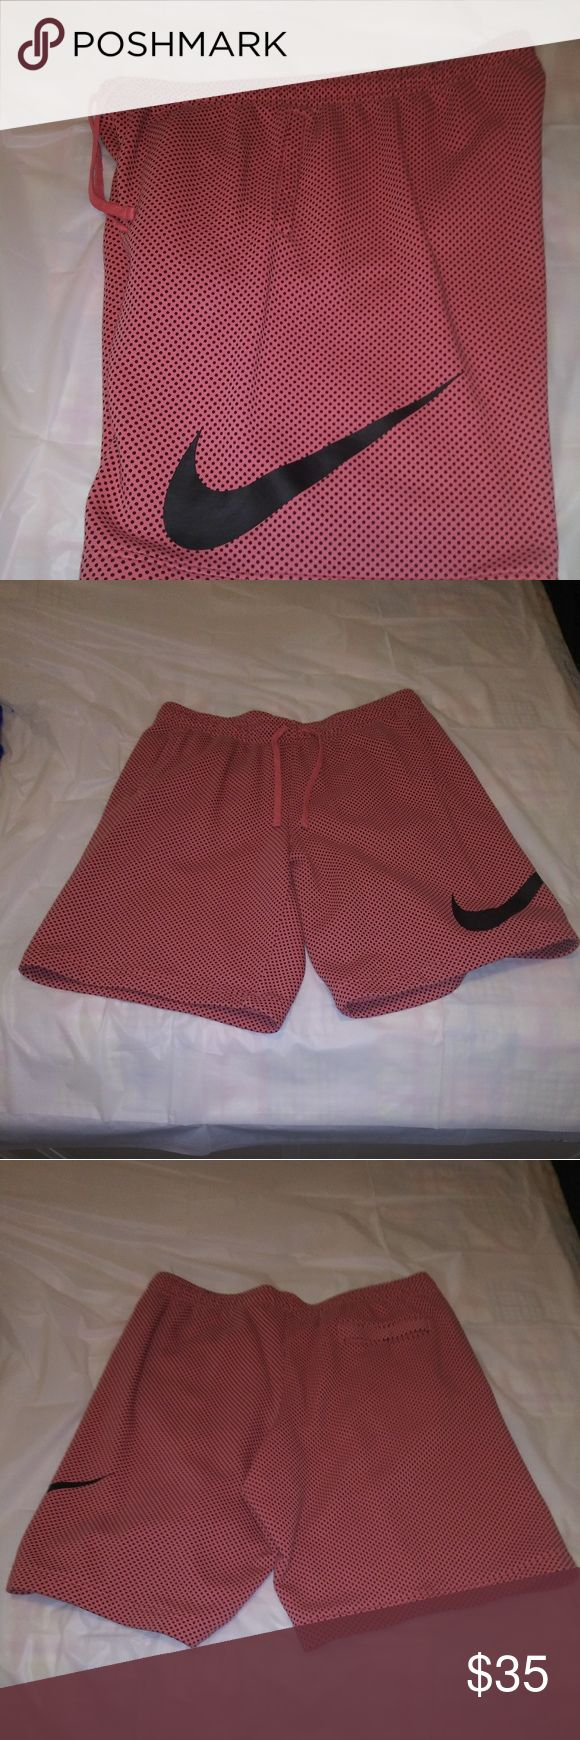 Herren Nike Shorts Herren Nike Shorts. Art Pfirsich / Hellorange mit schwarzen Punkten u …   – My Posh Closet